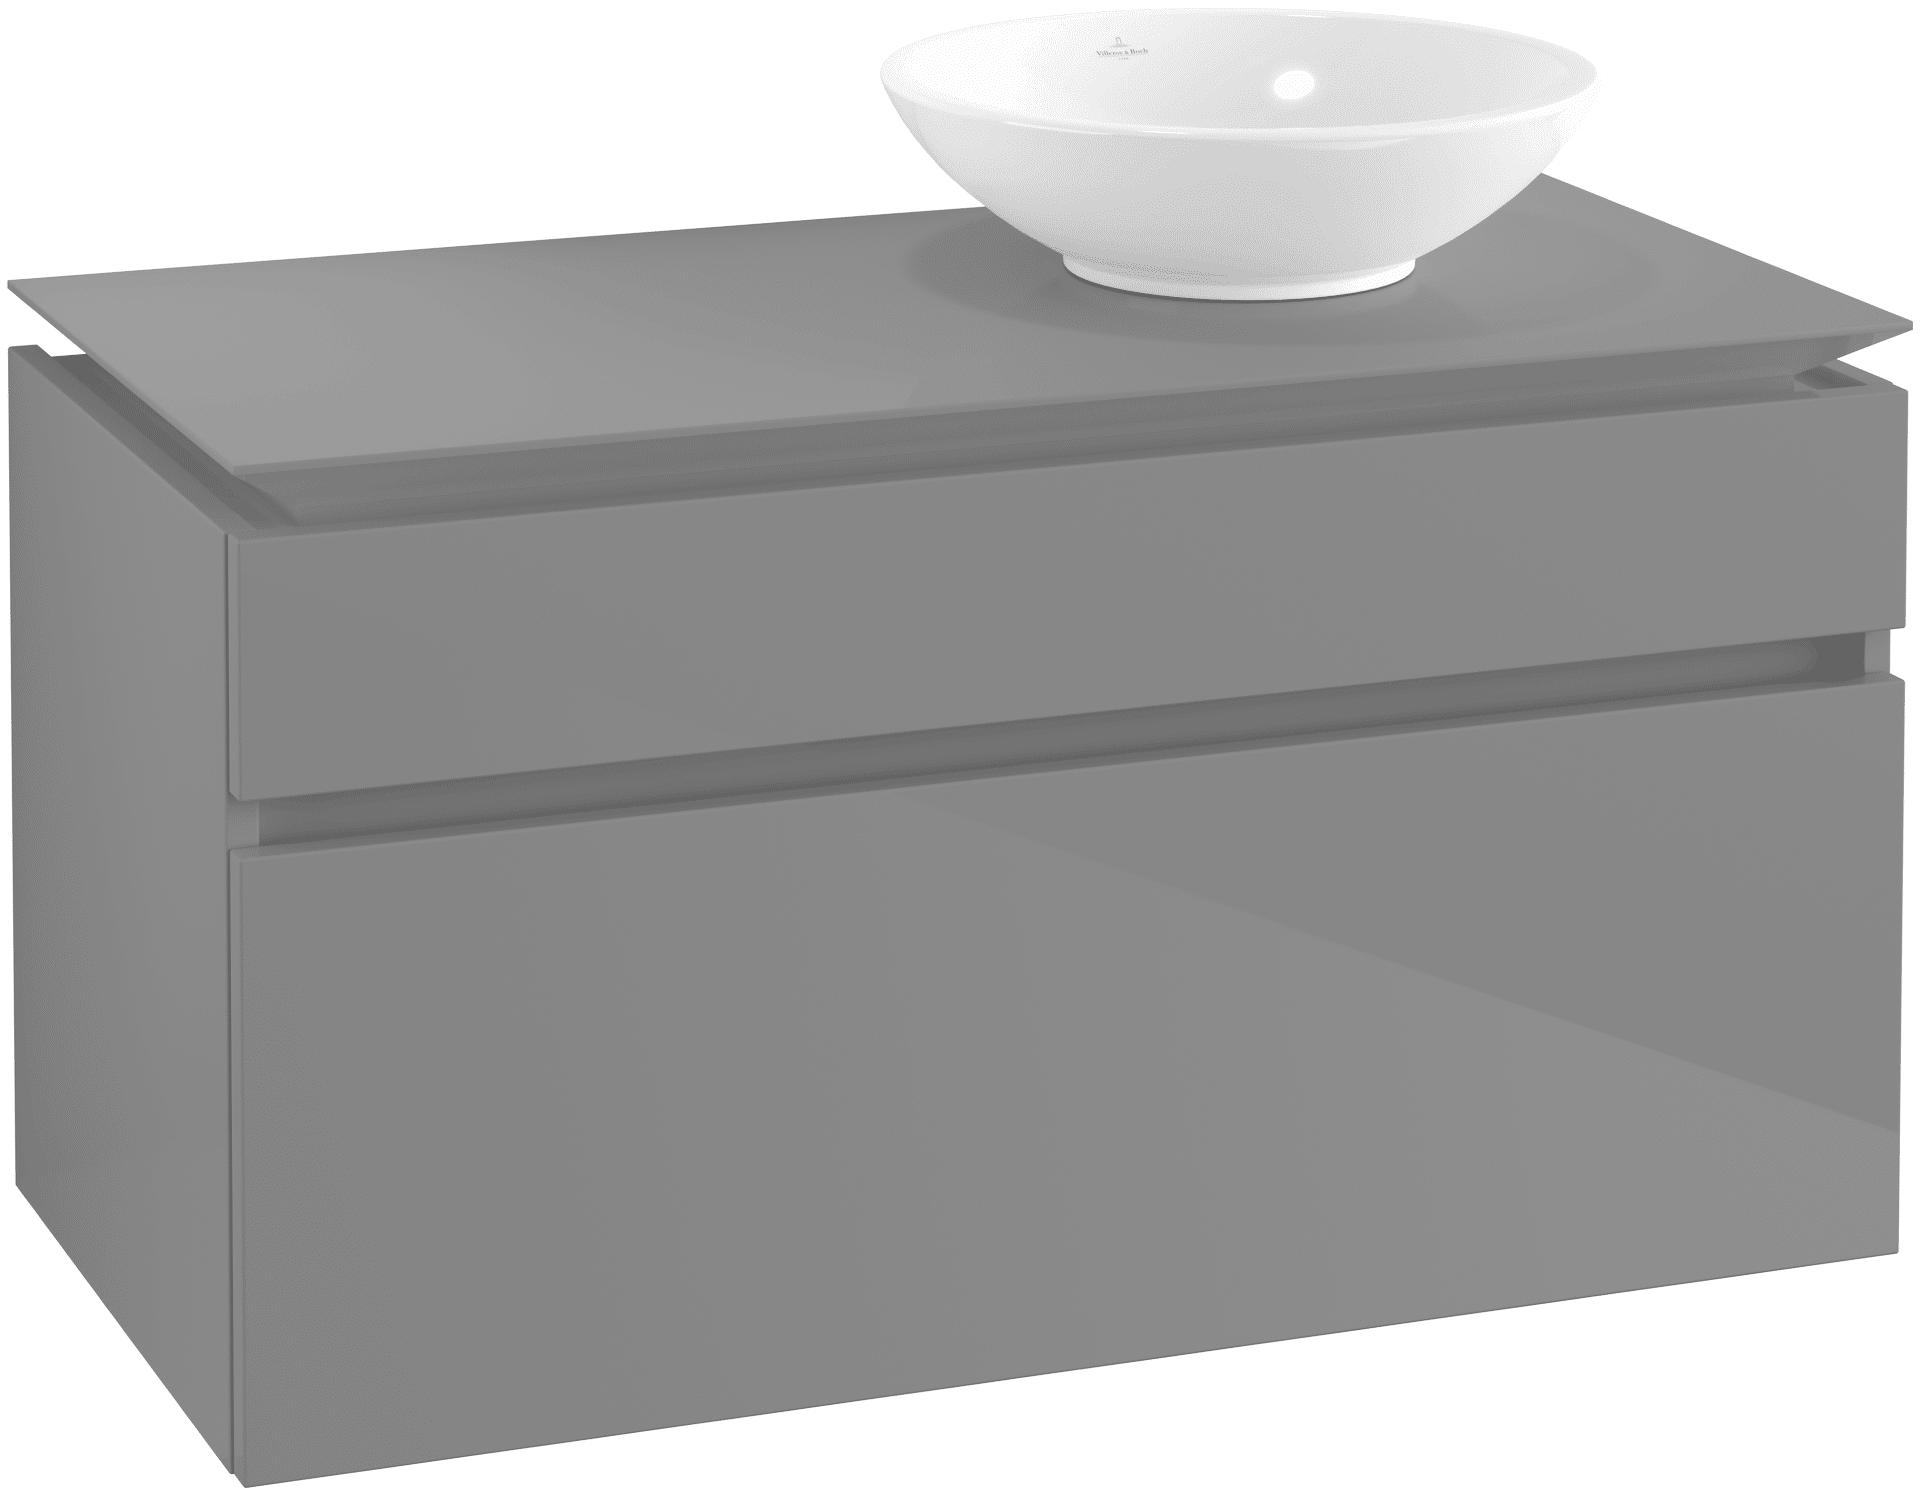 Villeroy & Boch Villeroy & Boch Legato - Meuble sous lavabo with 2 drawers & 1 cut-out right 1000 x 550 x 500mm gris lustré